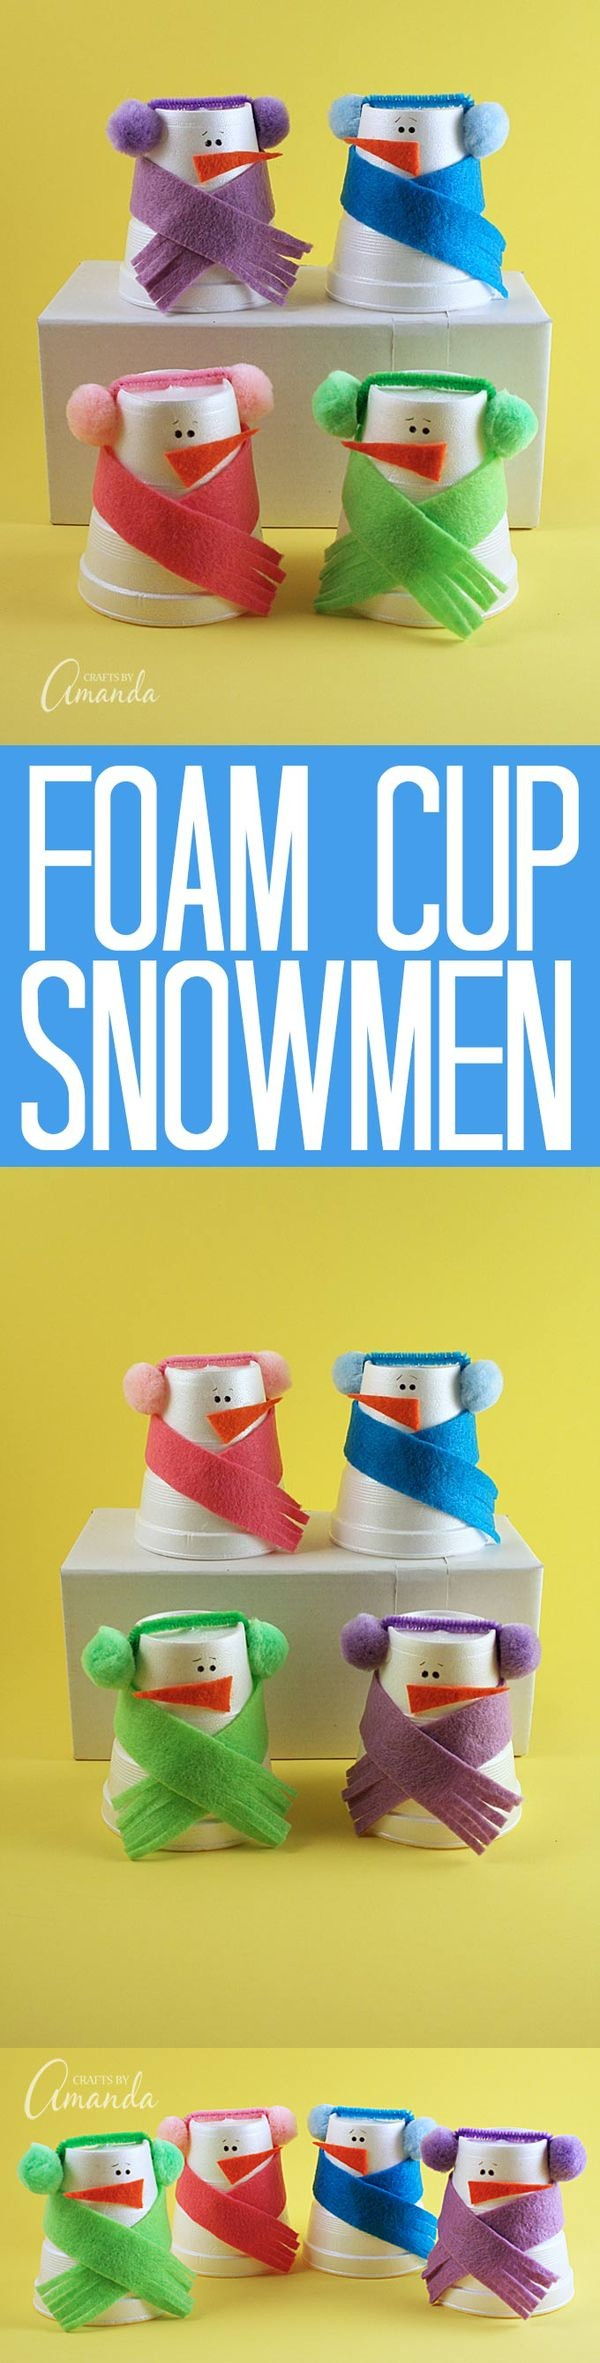 Foam Cup Snowmen